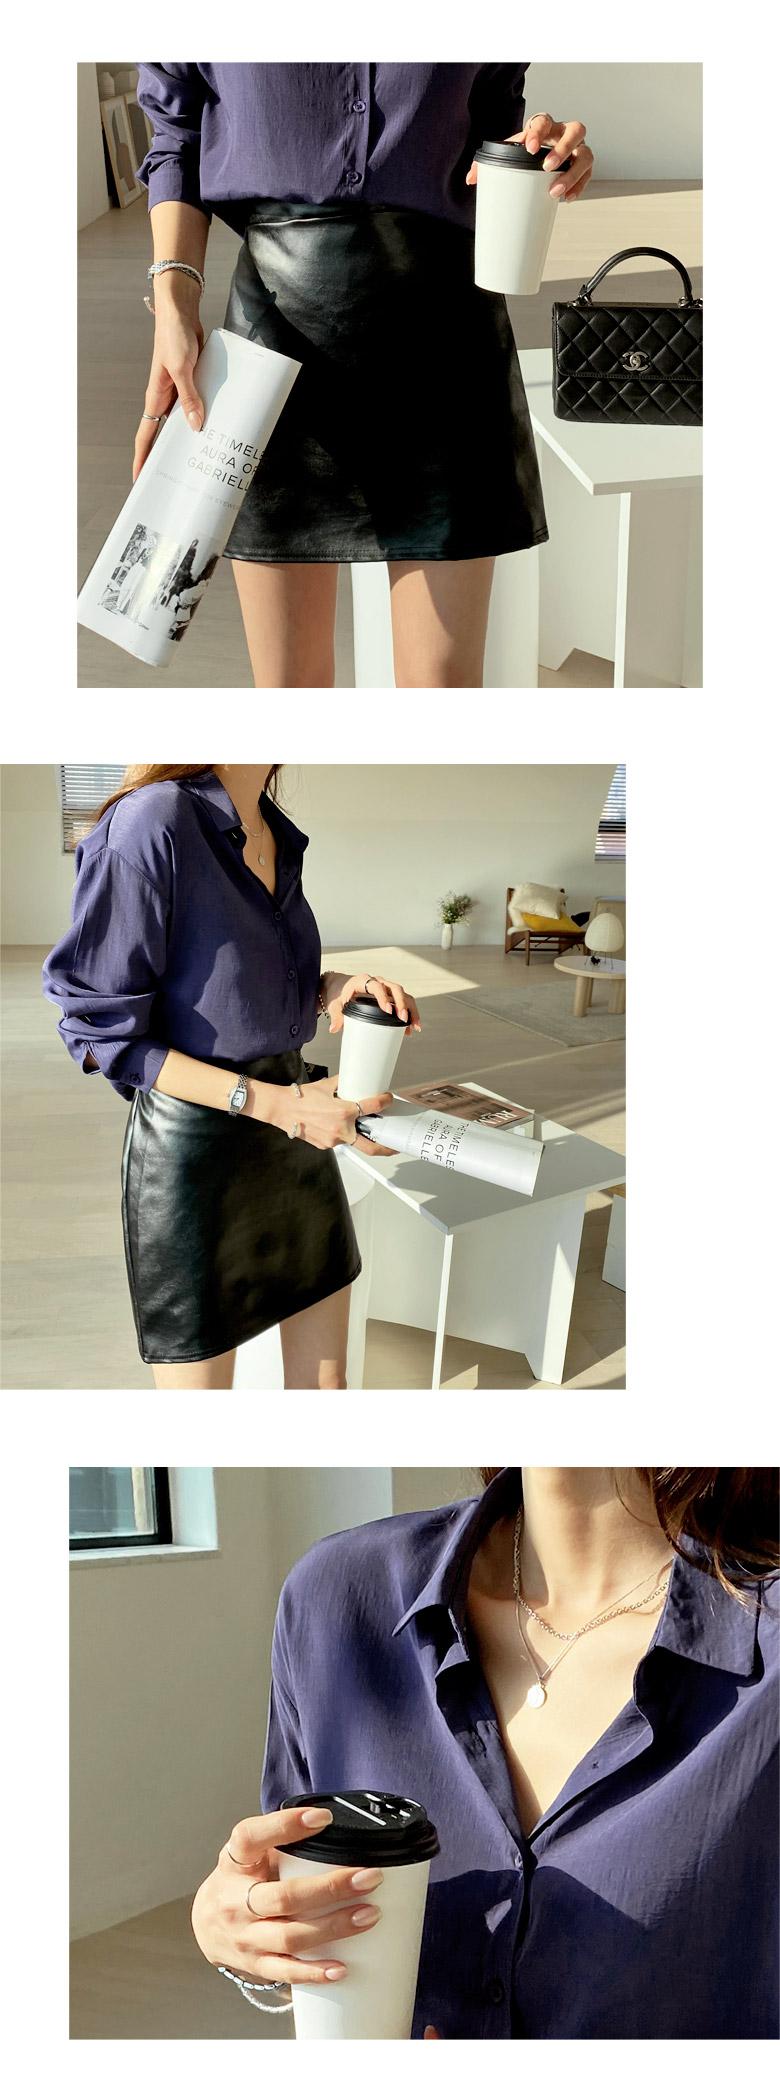 Melbourne Leather Bending Mini Skirt